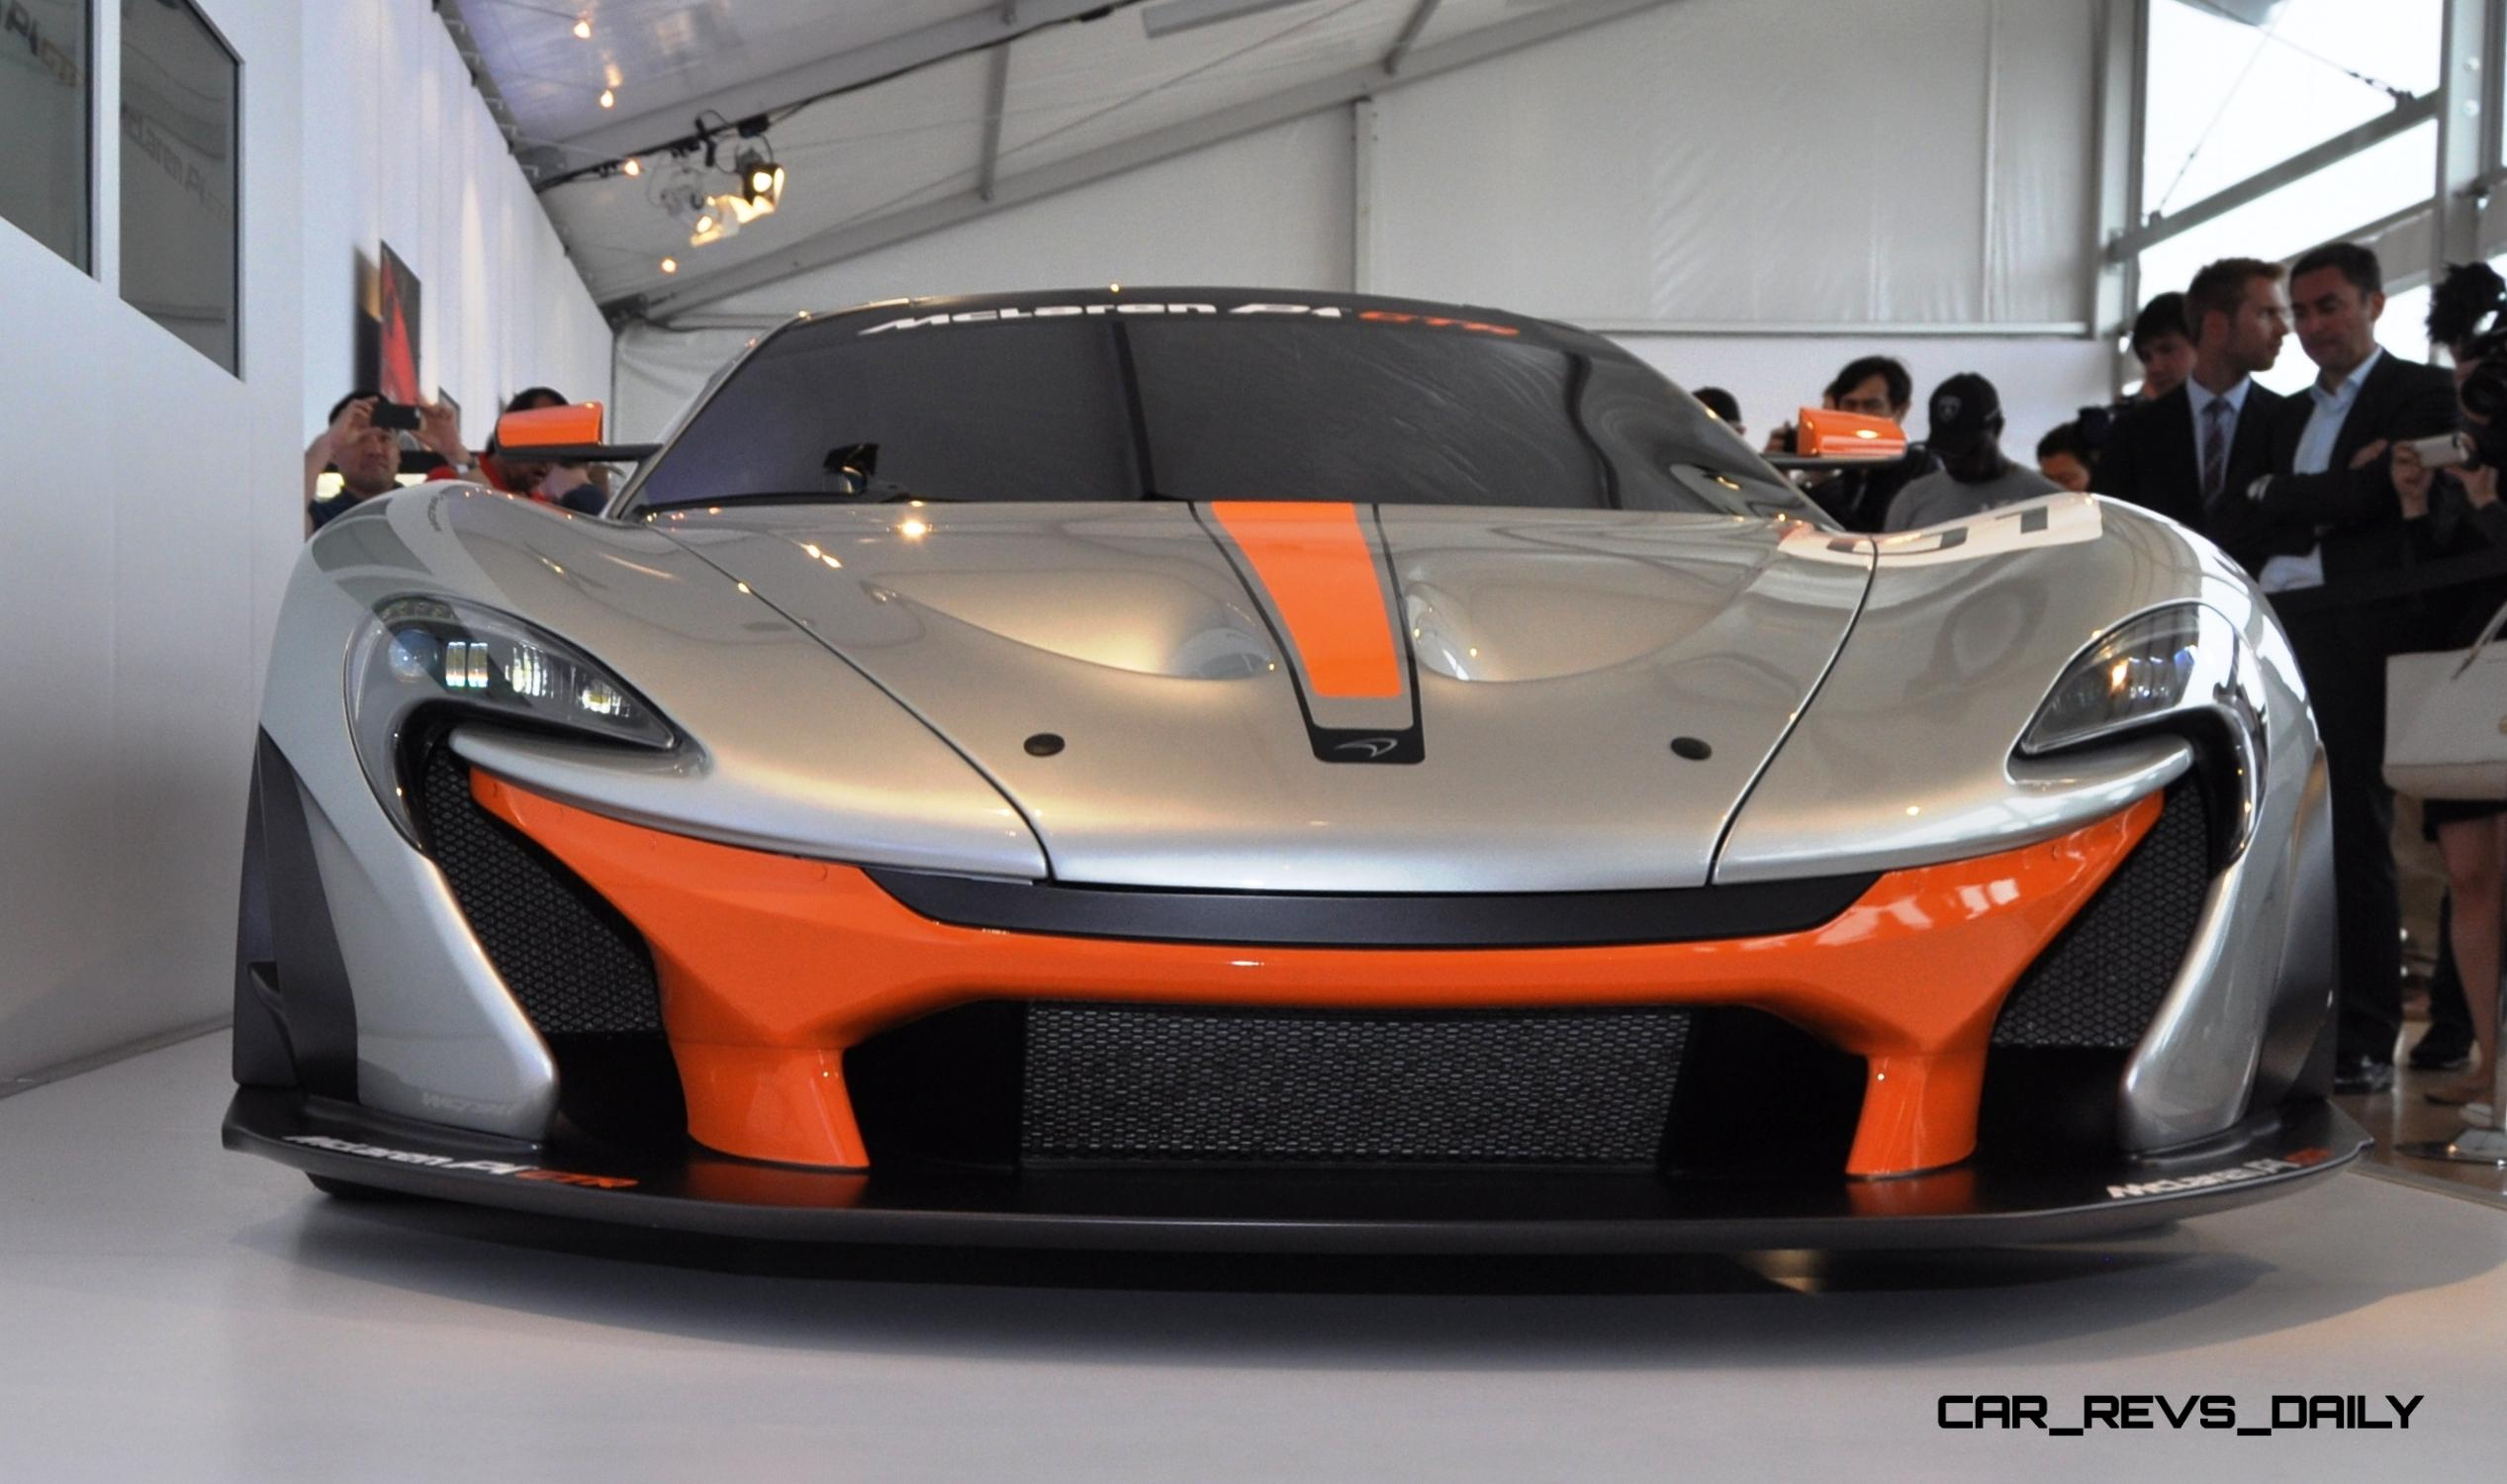 2015 McLaren P1 GTR - Pebble Beach World Debut in 55 High-Res Photos 14